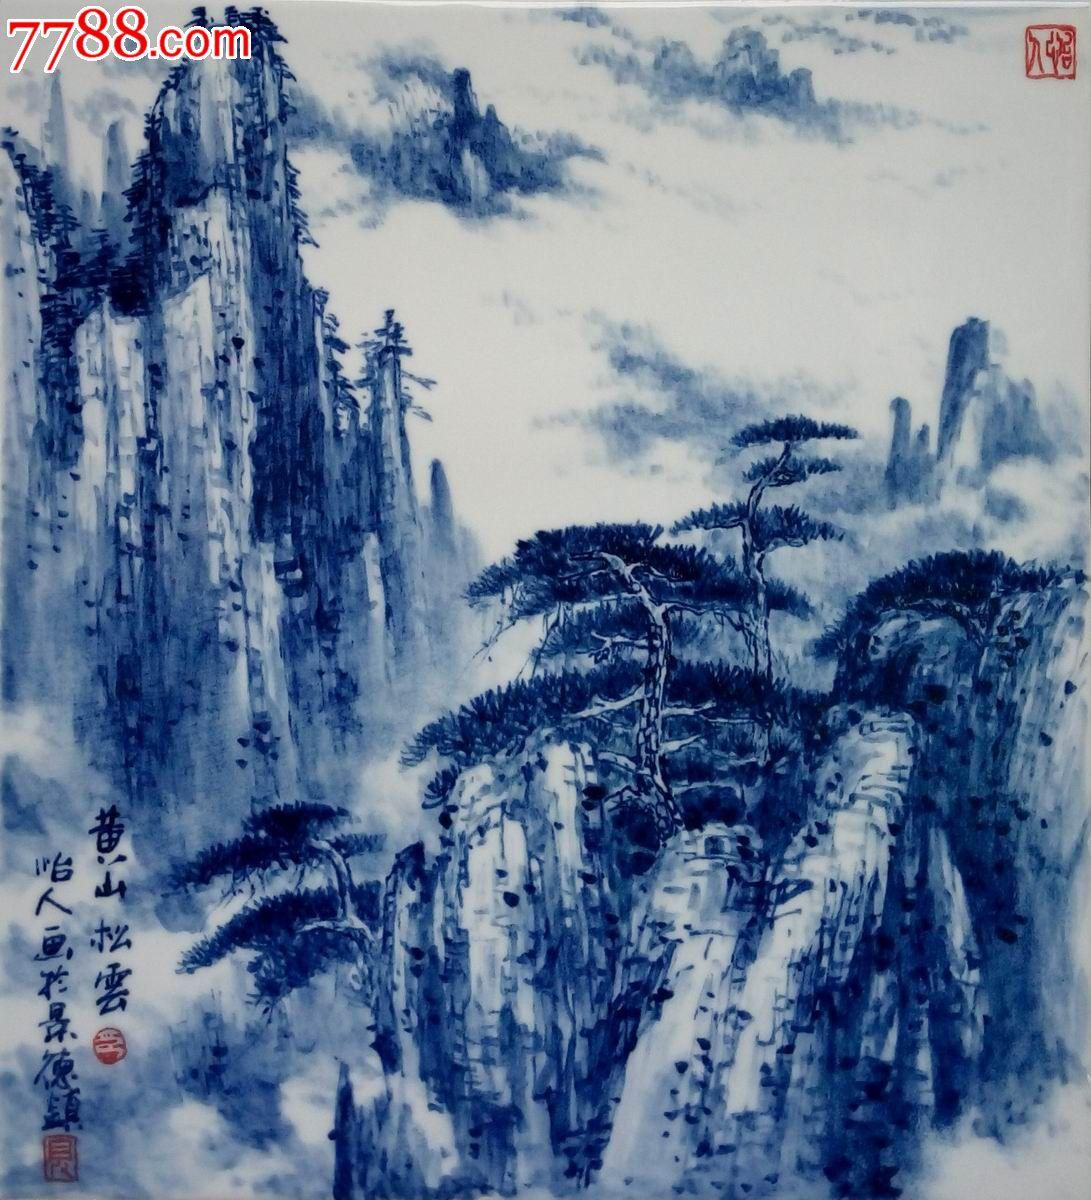 景德镇纯手工绘制青花艺术陈设瓷瓷板写意山水画《黄山松云》